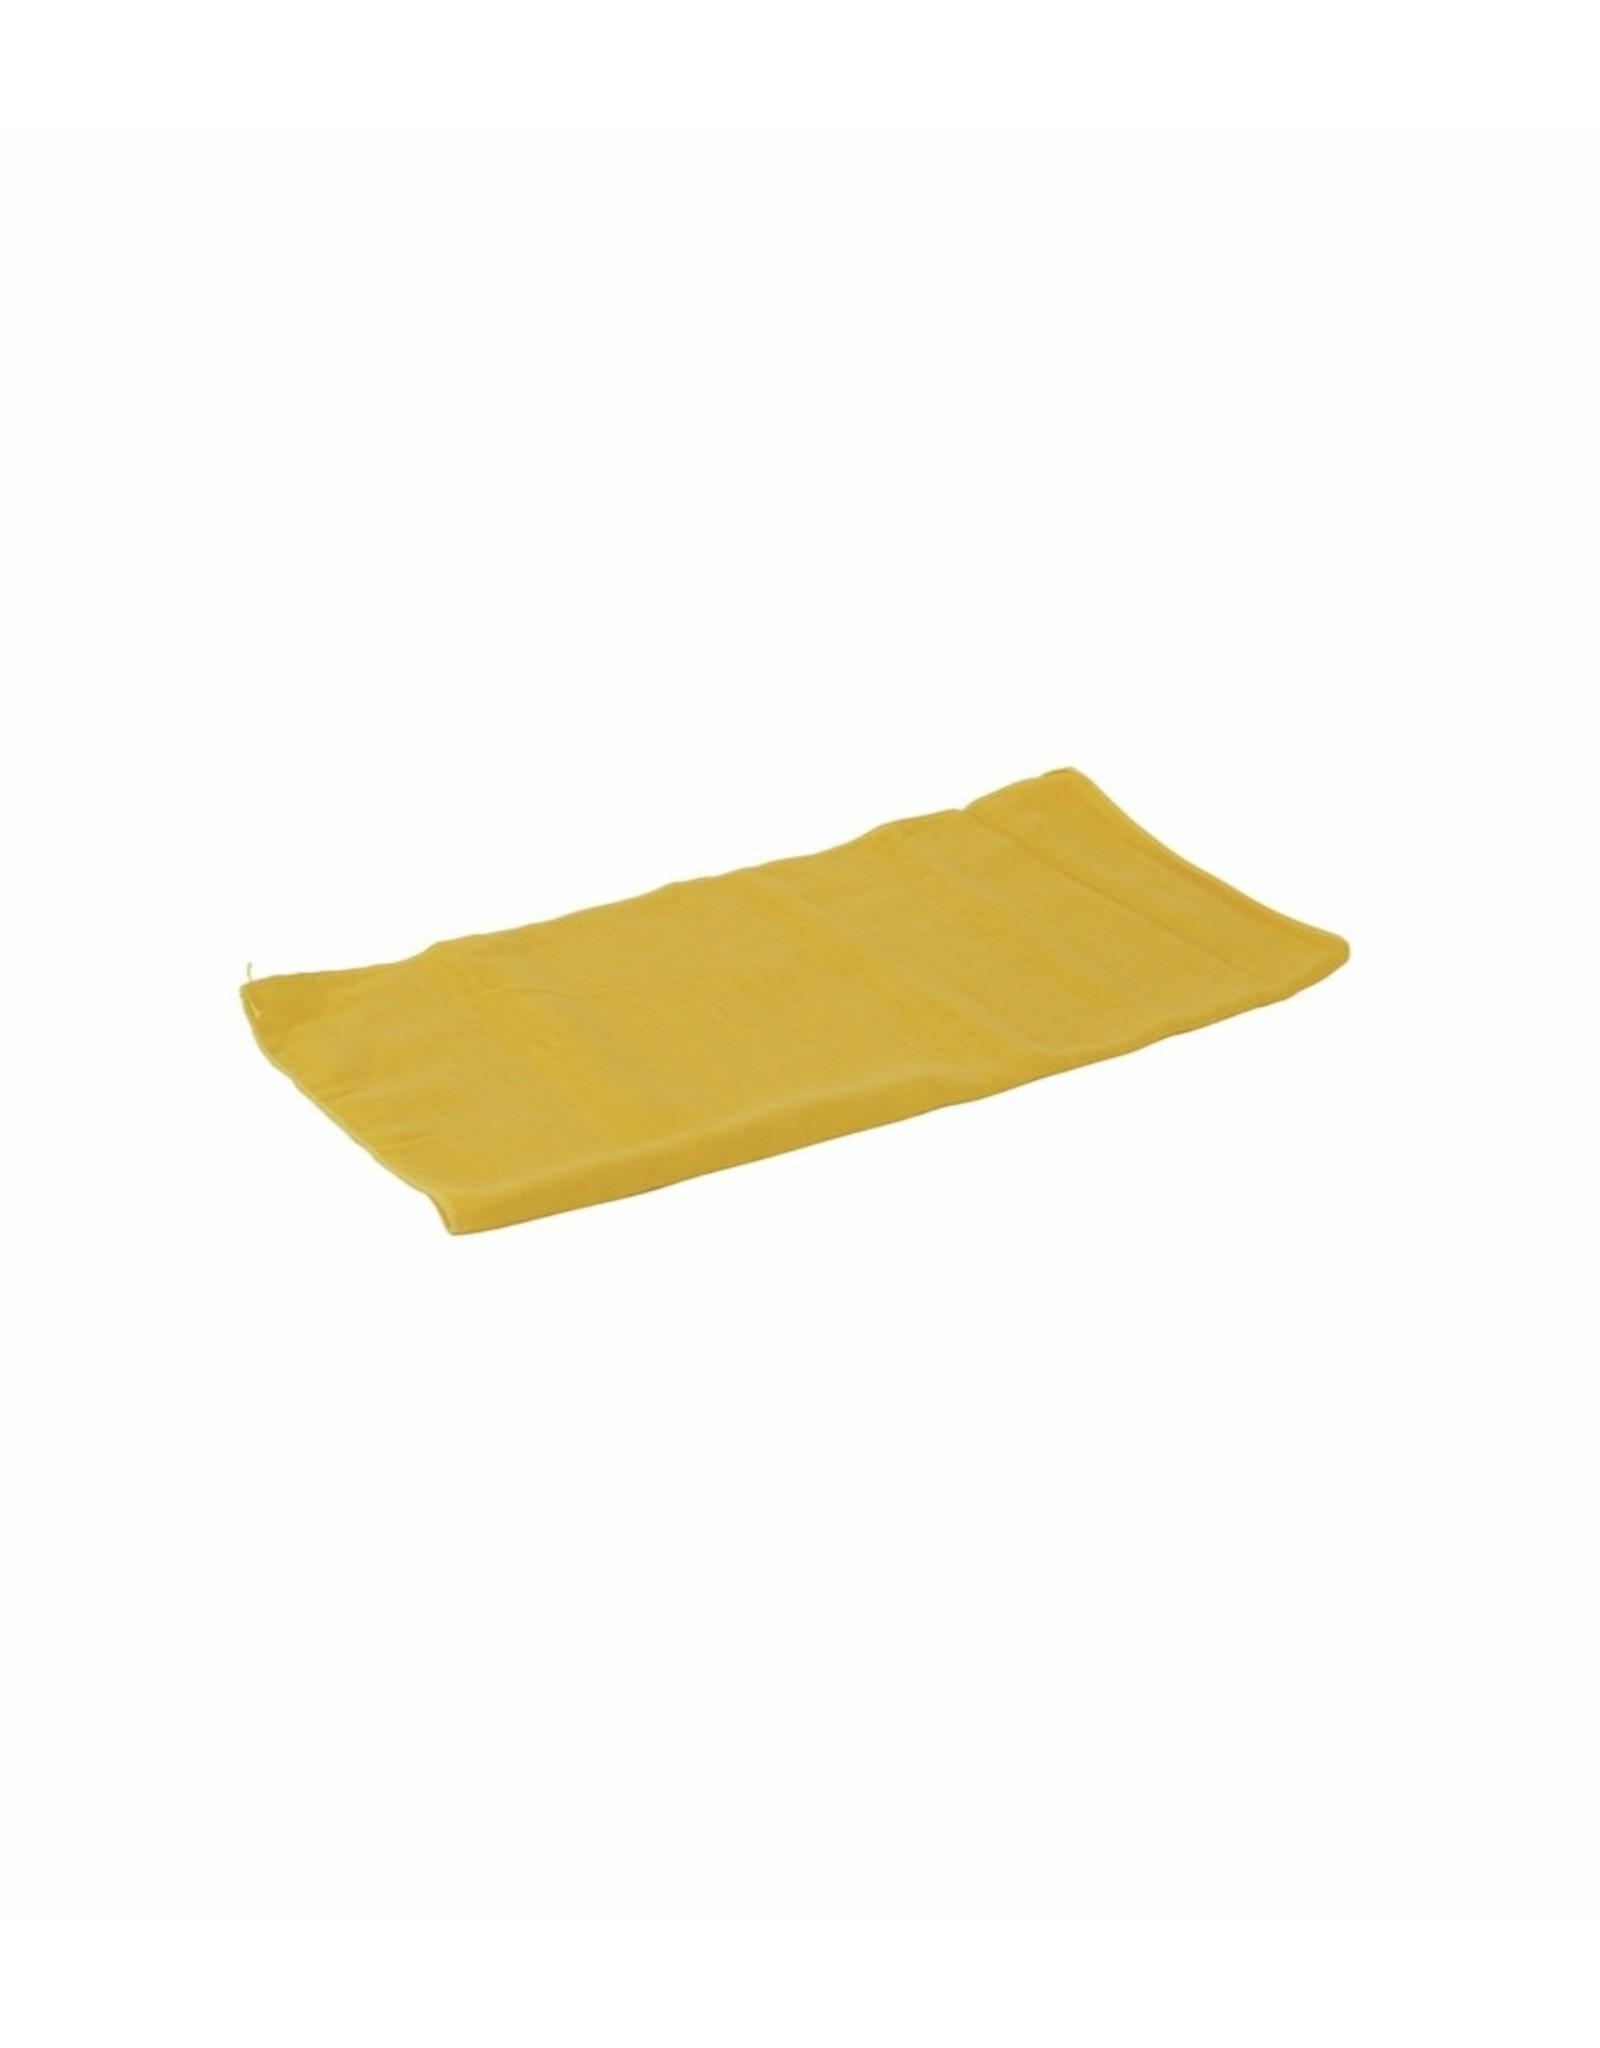 BETRA Stofdoek geel ca. 40x40 cm set à 2